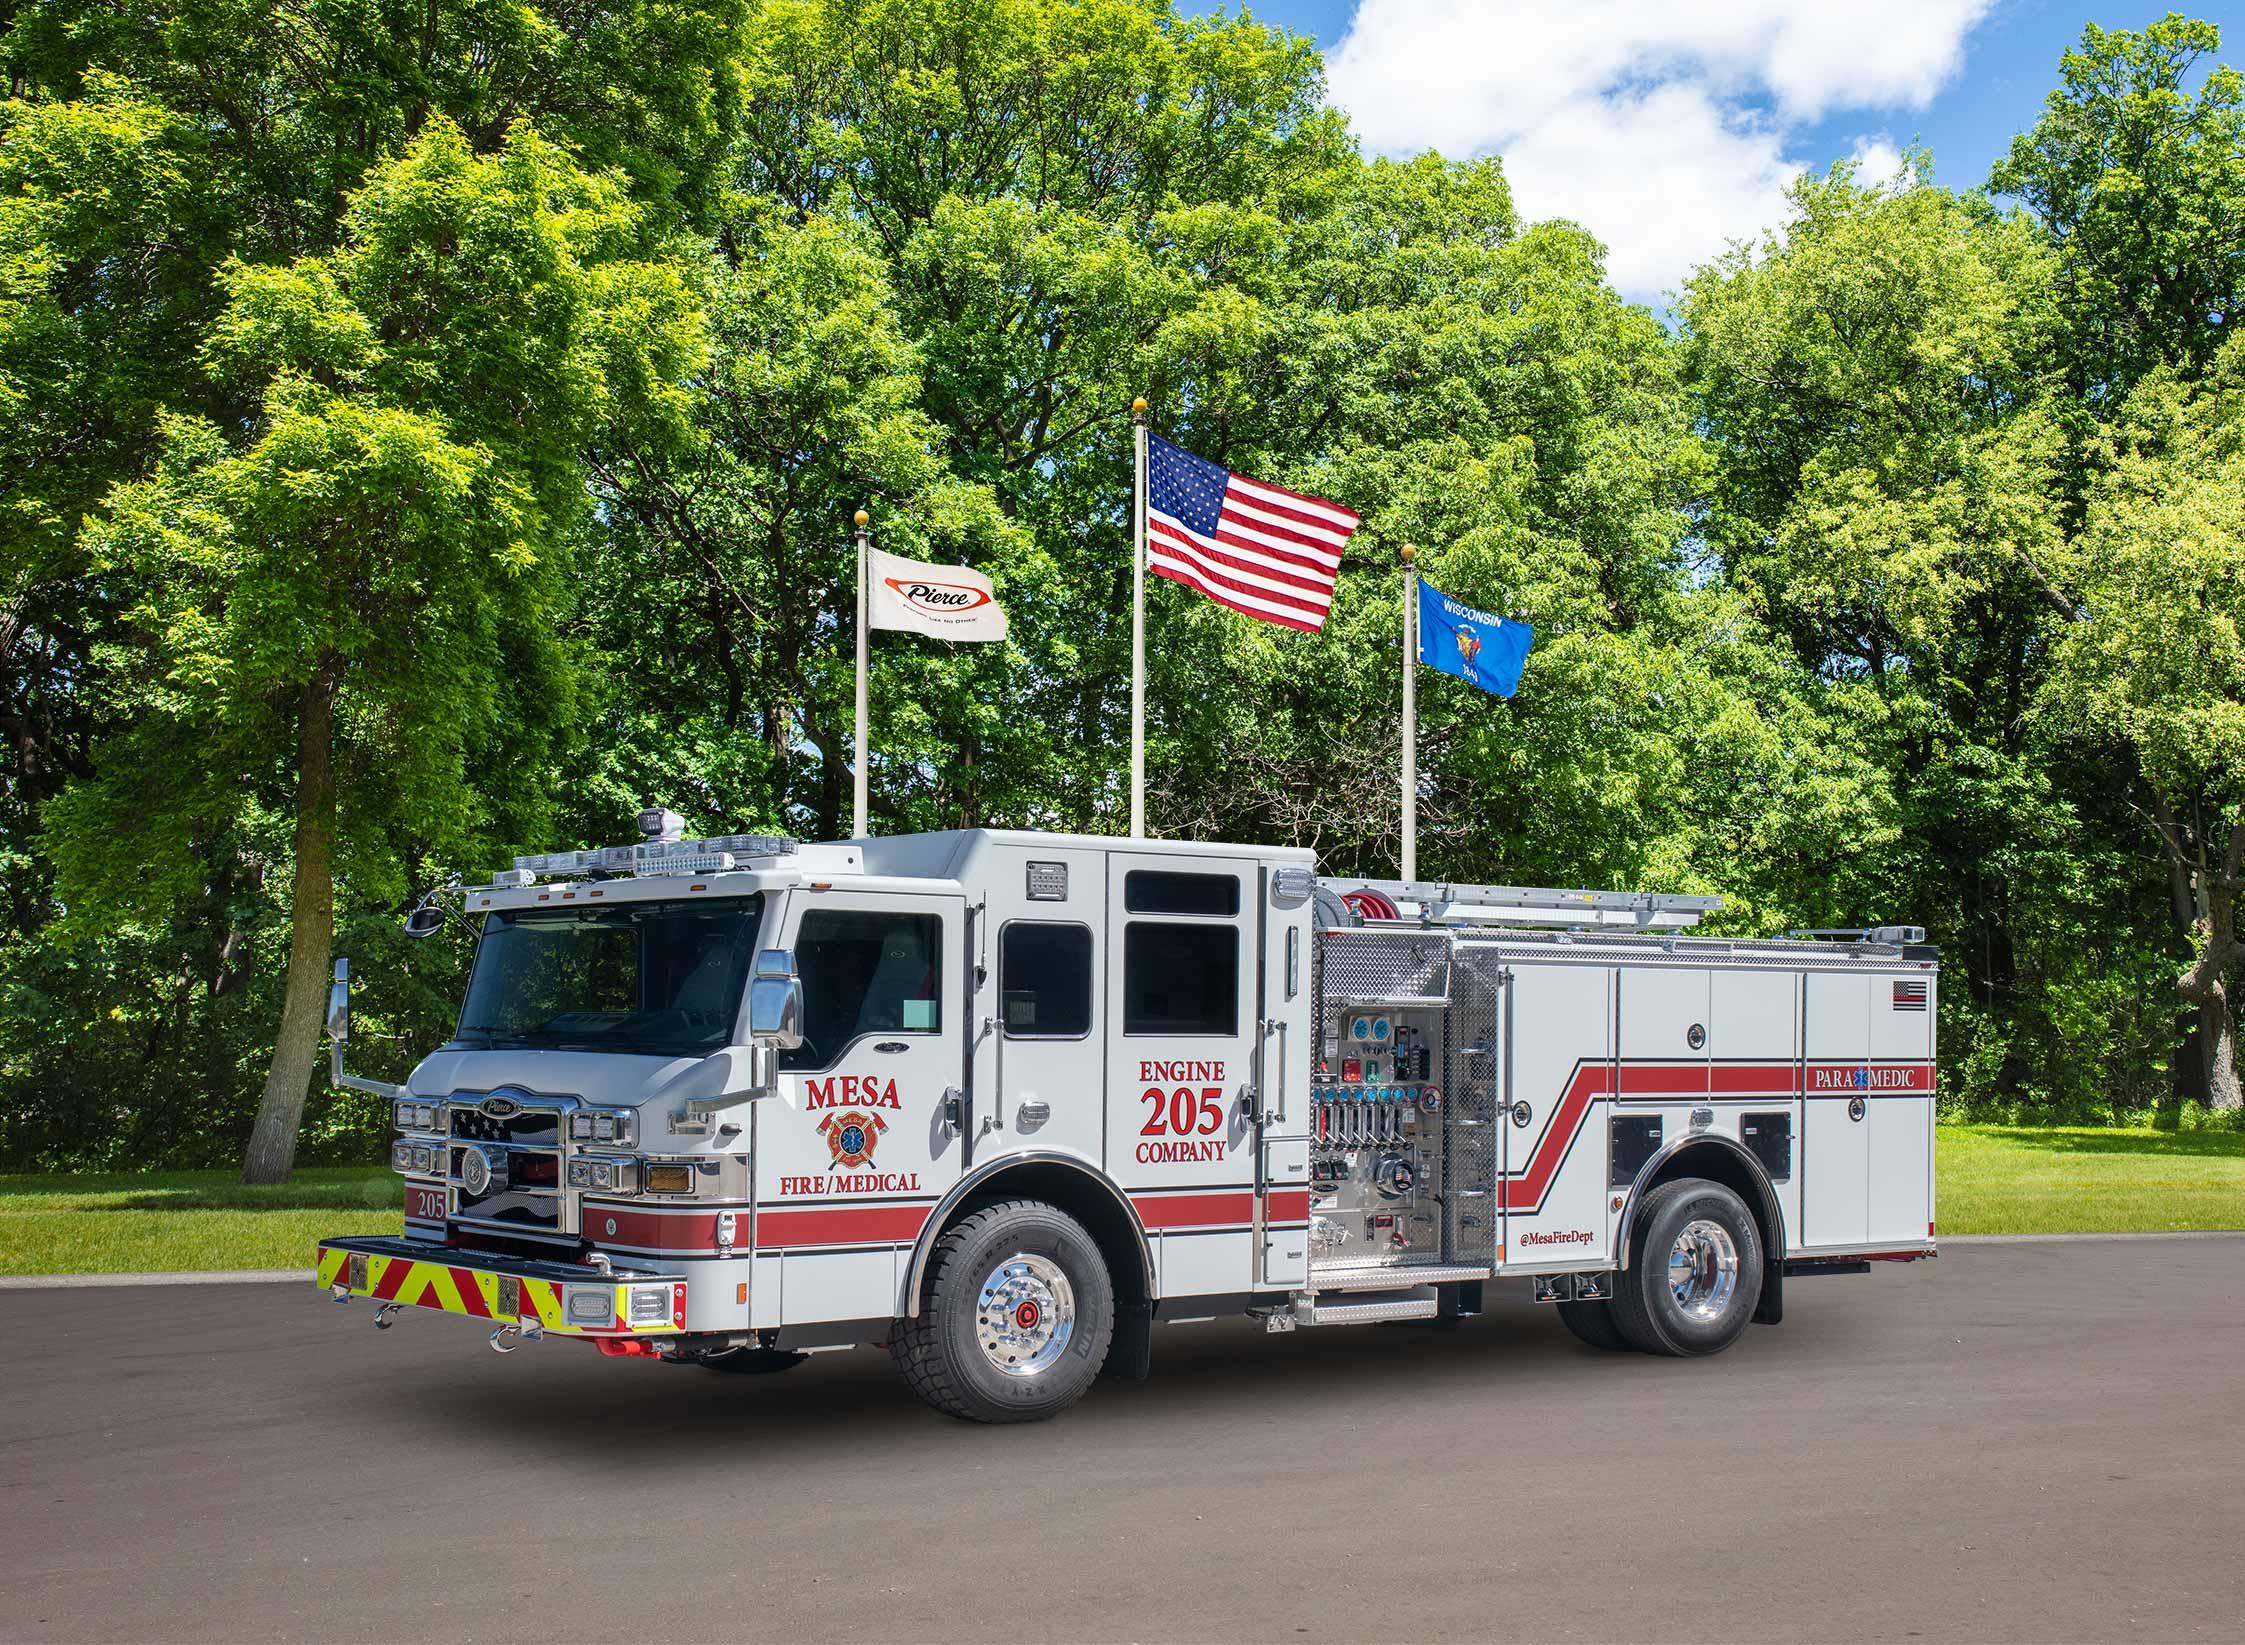 City of Mesa Fire Department - Pumper